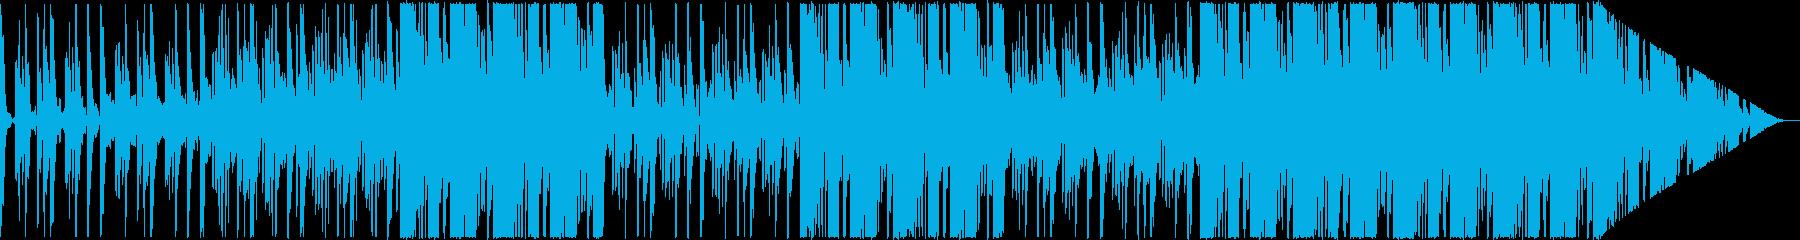 かわいく軽快なポップの再生済みの波形